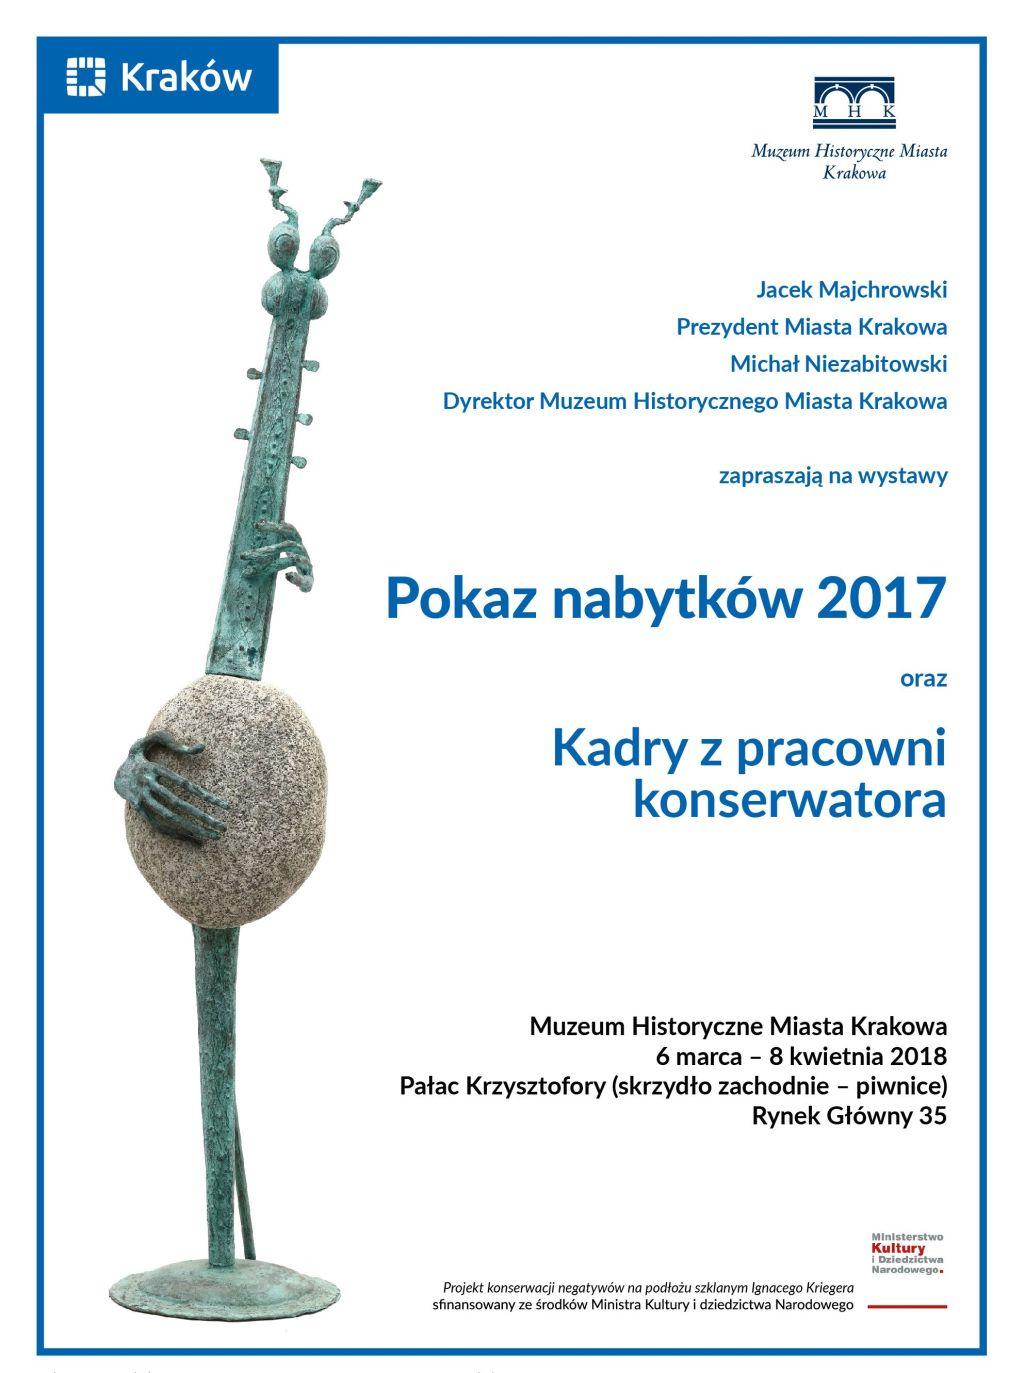 Wystawa nabytków 2017 (źródło: materiały prasowe organizatora)